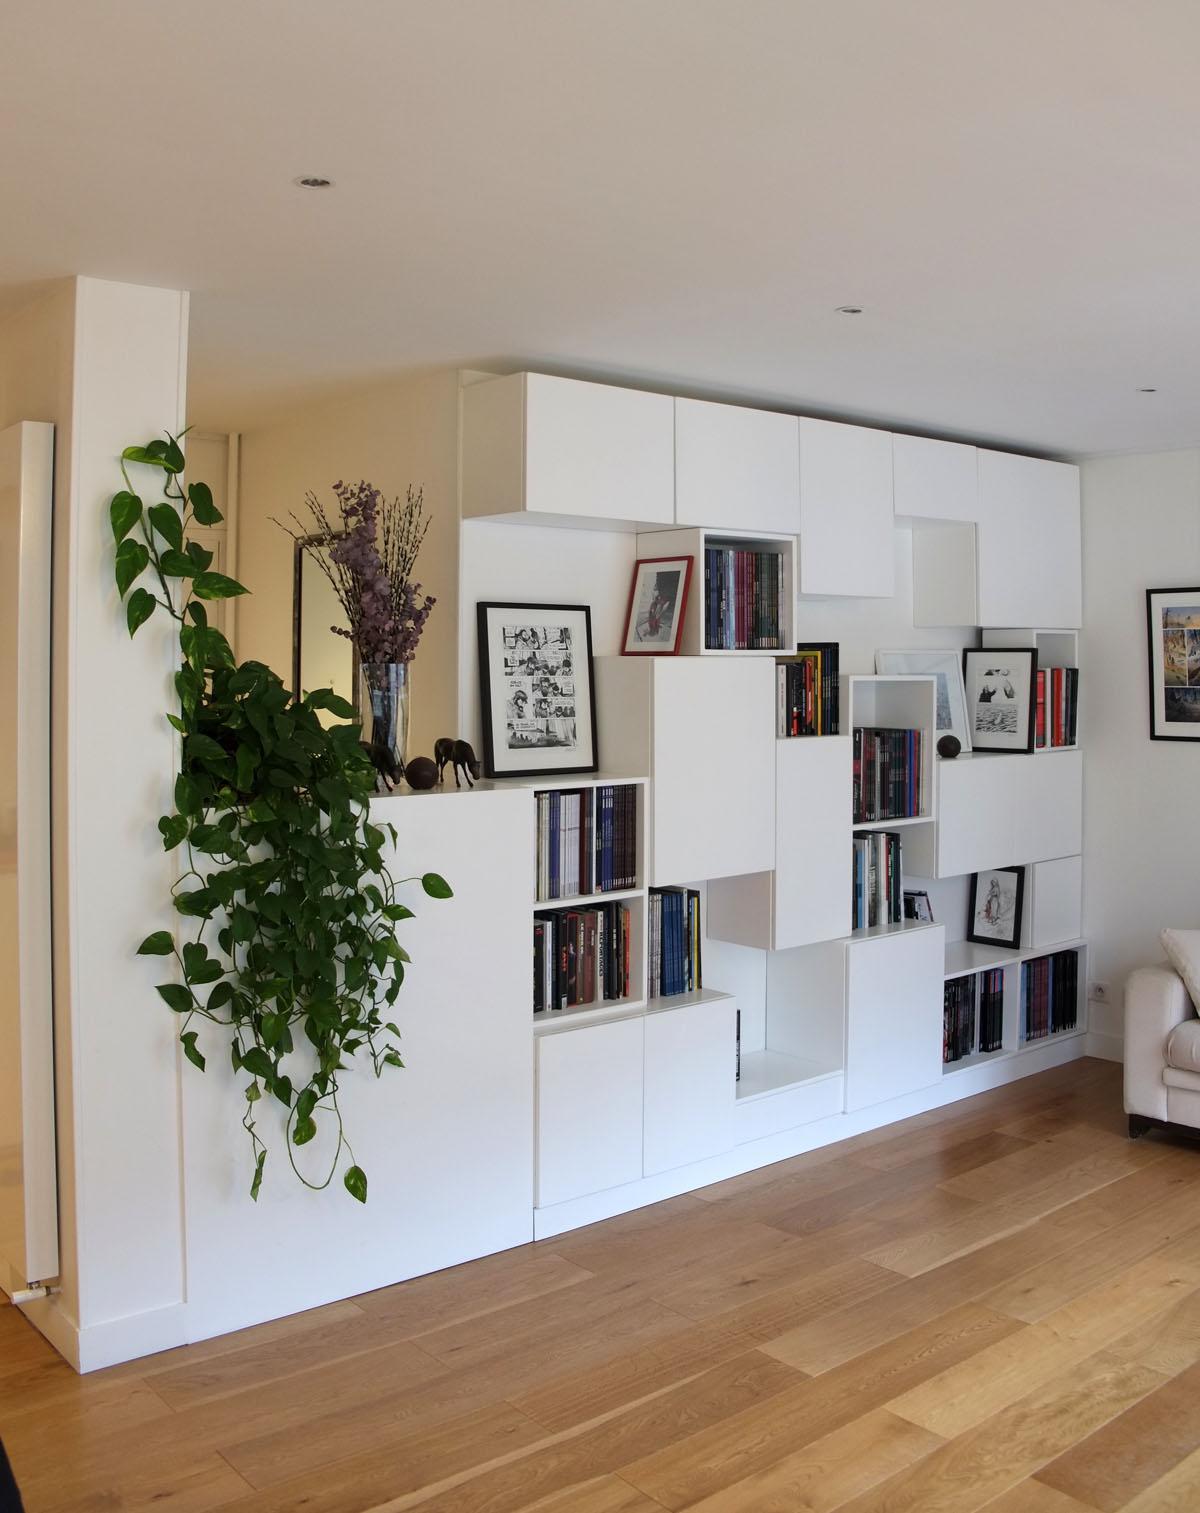 Awesome biblioth que sur mesure design contemporary for Meuble design sur mesure